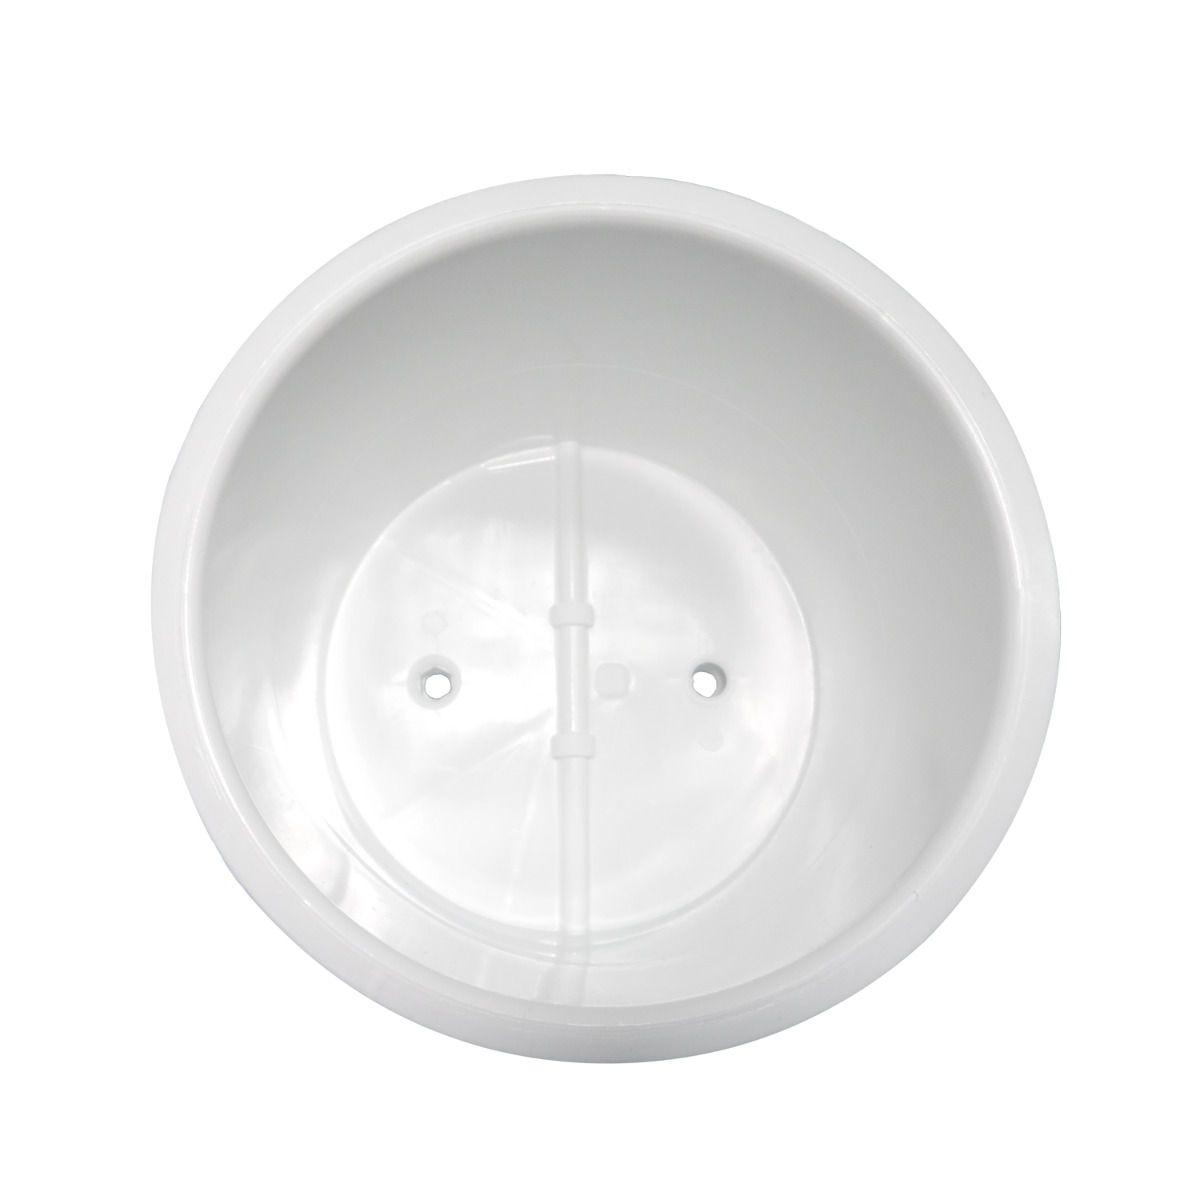 Caneca do Evaporador - 10210183